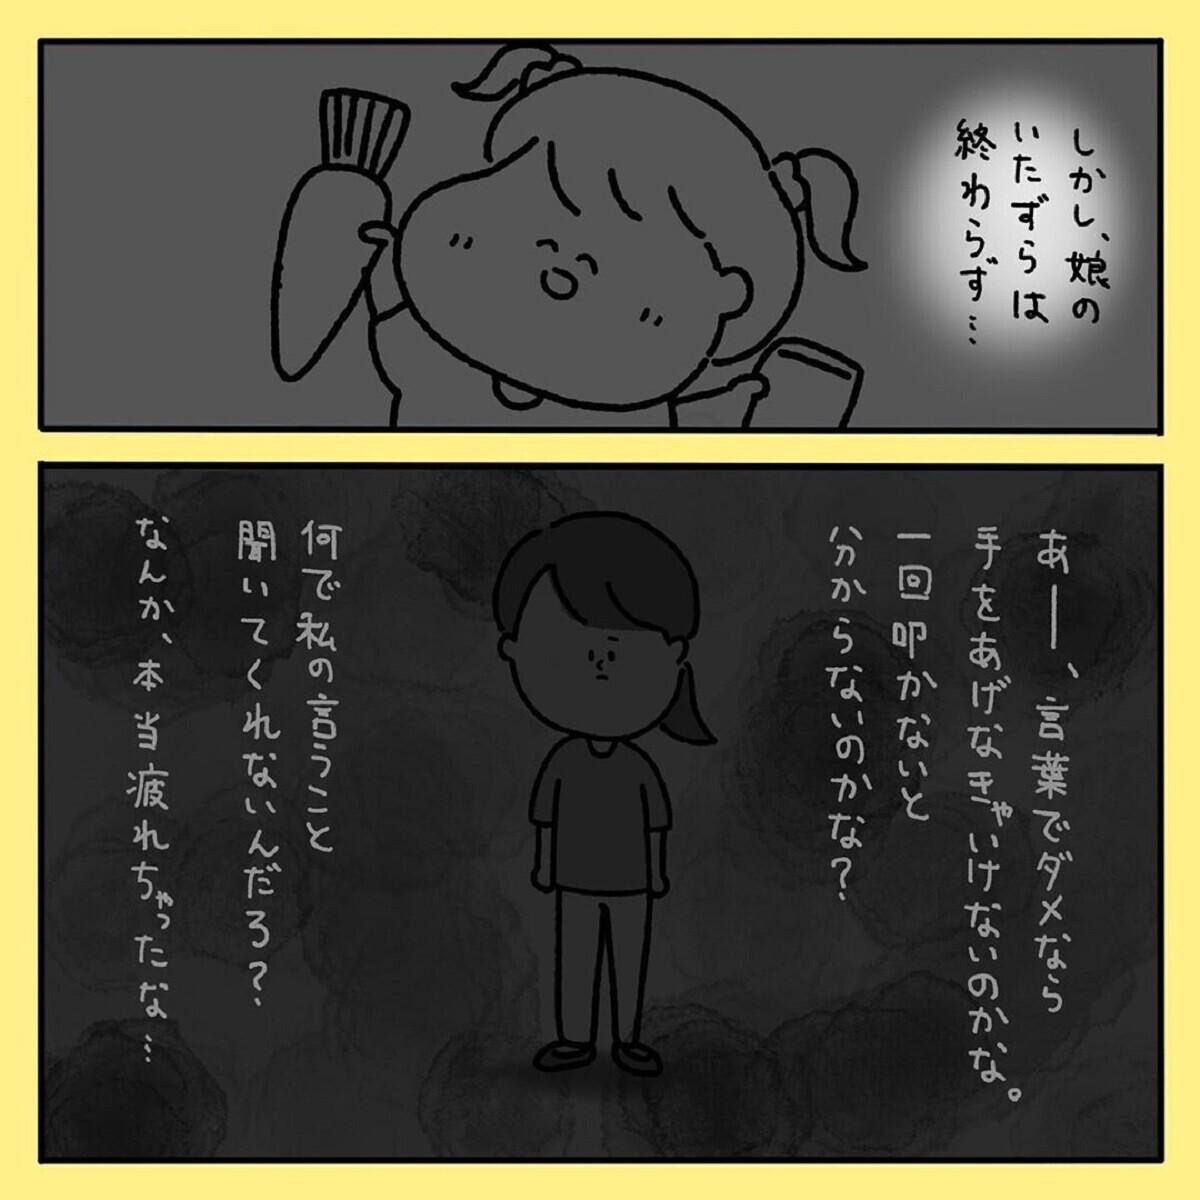 """【感動する話】苦痛すぎる子連れ買い物…""""黒い感情""""を抑えられなくなった、その時!【みんなの〇〇な話 Vol.6】"""